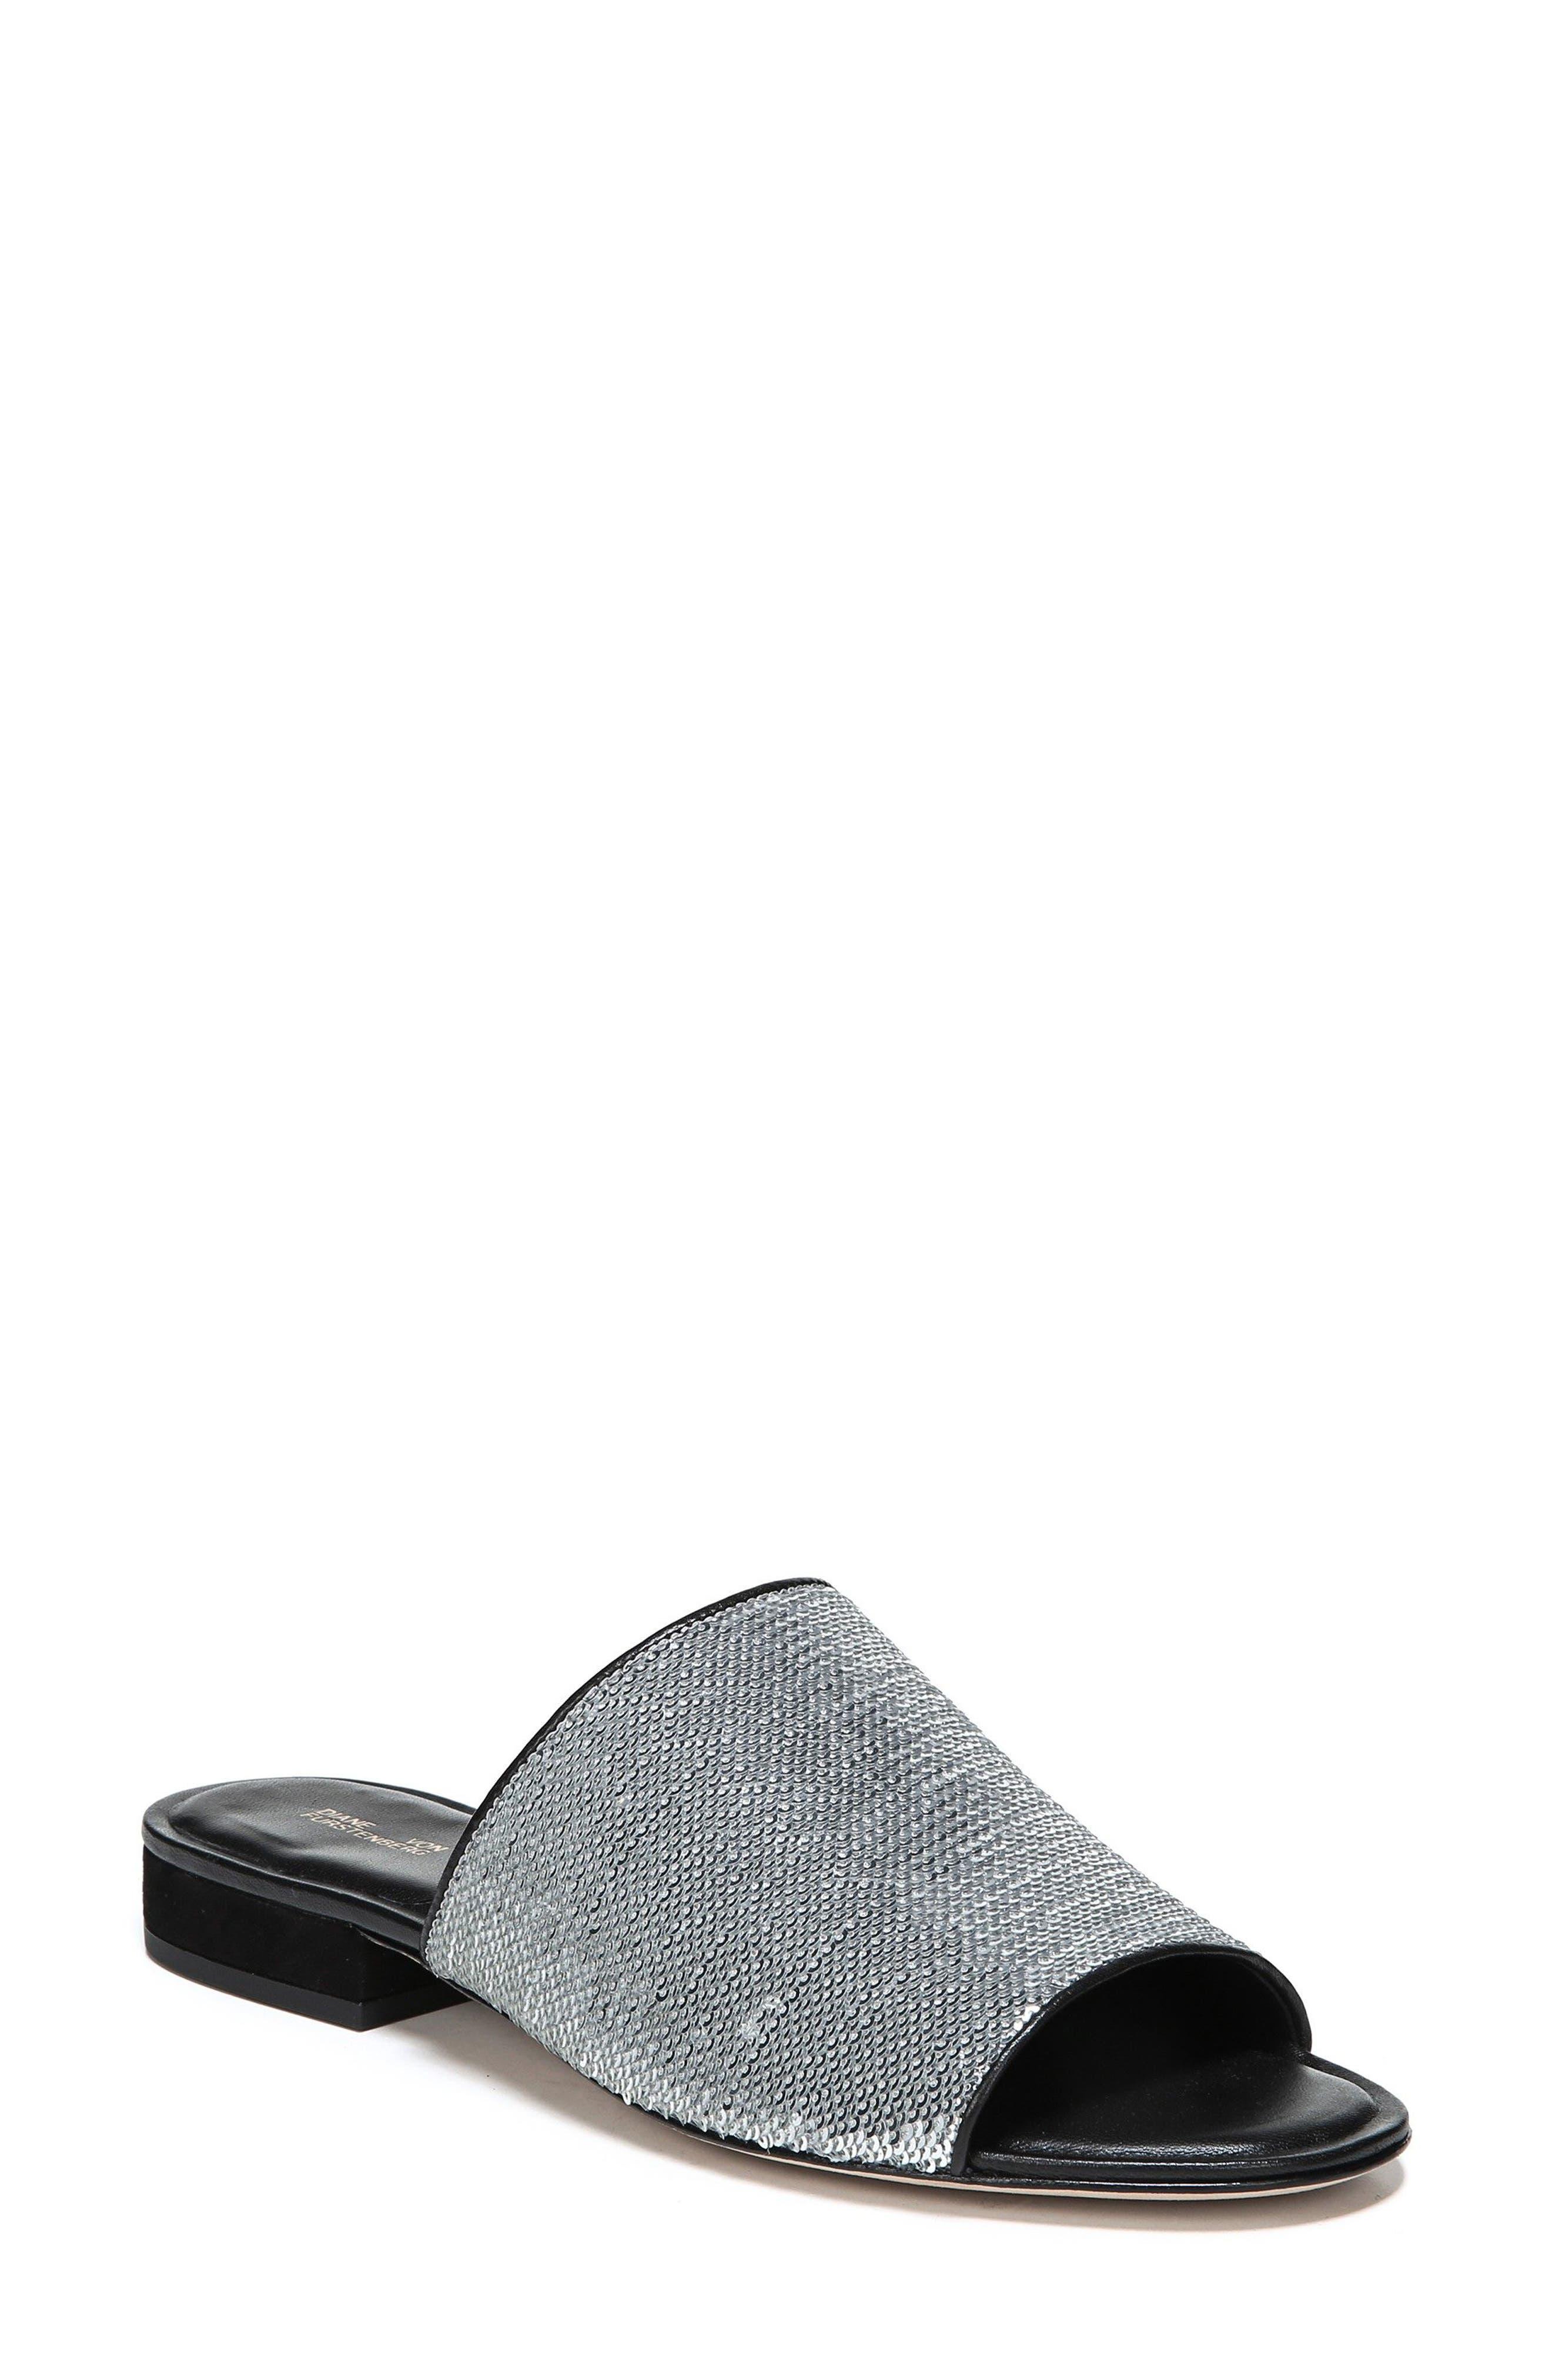 Samassi 1 Slide Sandal,                         Main,                         color, Silver Sequins